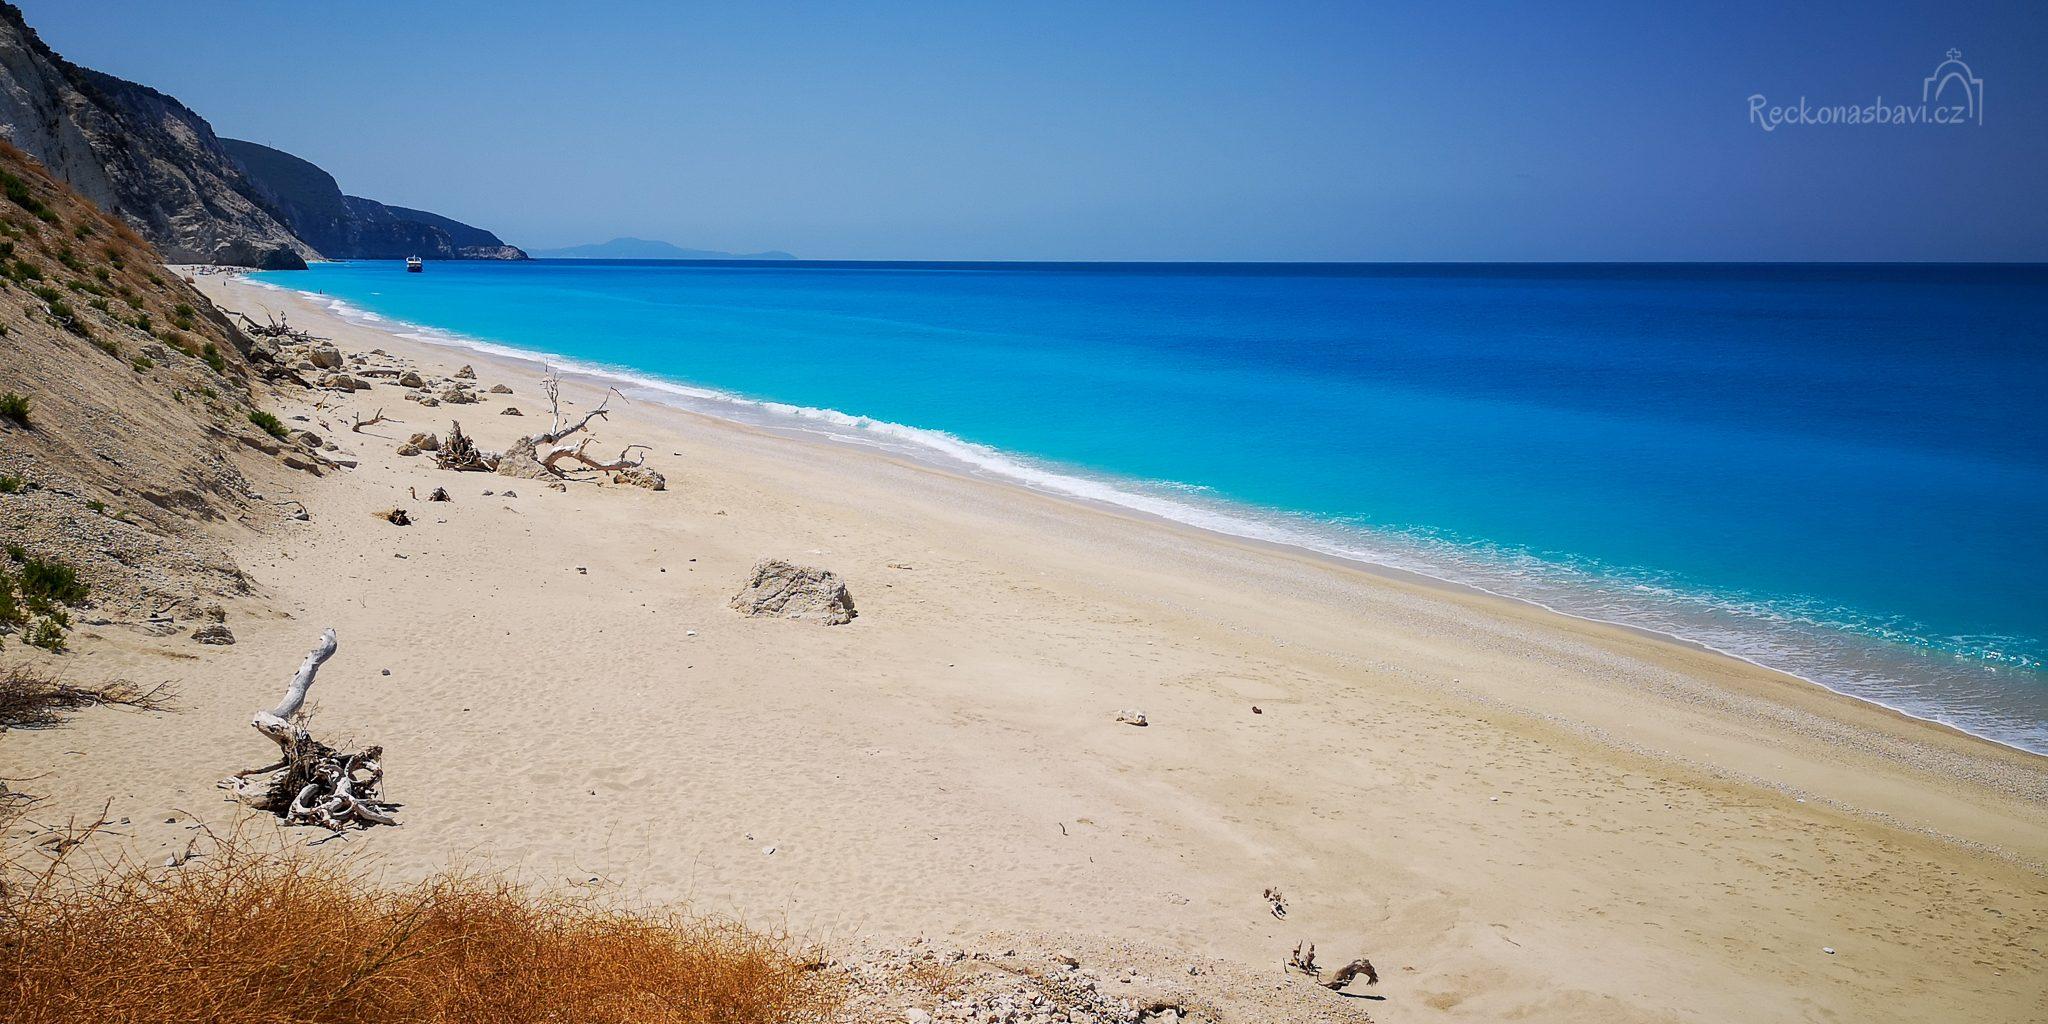 Egremni beach v roce 2020 - na jižní straně pláže lze vidět výletní loď s turisty. Hned jak odpluli, byli jsme tu úplně sami :)